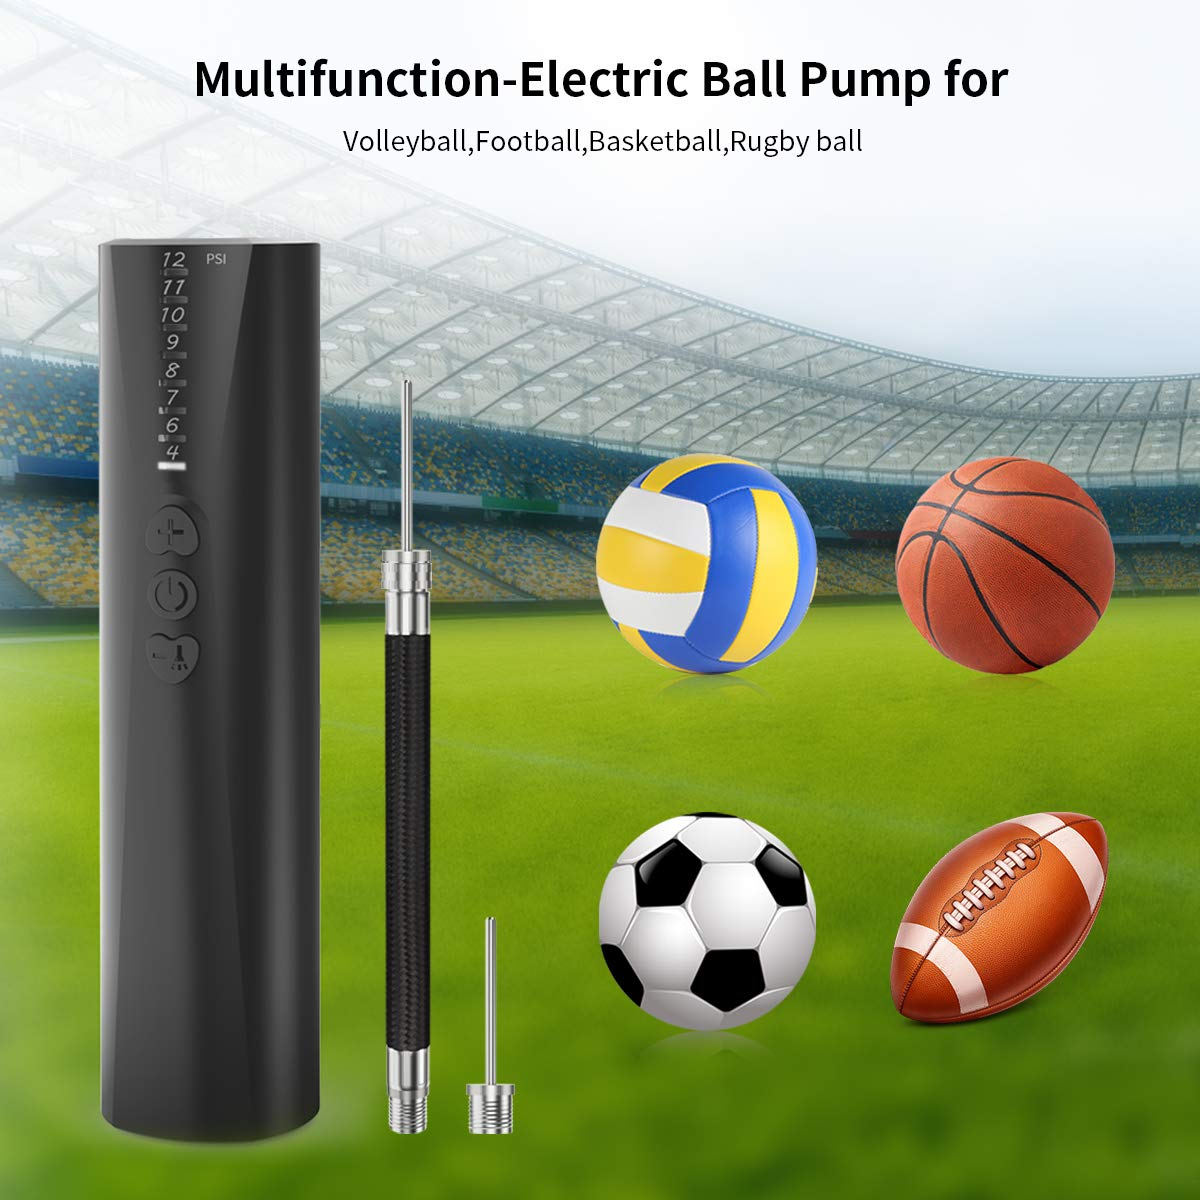 morpilot Mini Pompa Sfera Automatica/Pompa Calcio Pallacanestro con Luce a LED, Pompa Pallone per Calcio/Pallacanestro/Pallavolo/Rugby/Palla Giocattolo Bambini.(Batteria Non Inclusa)